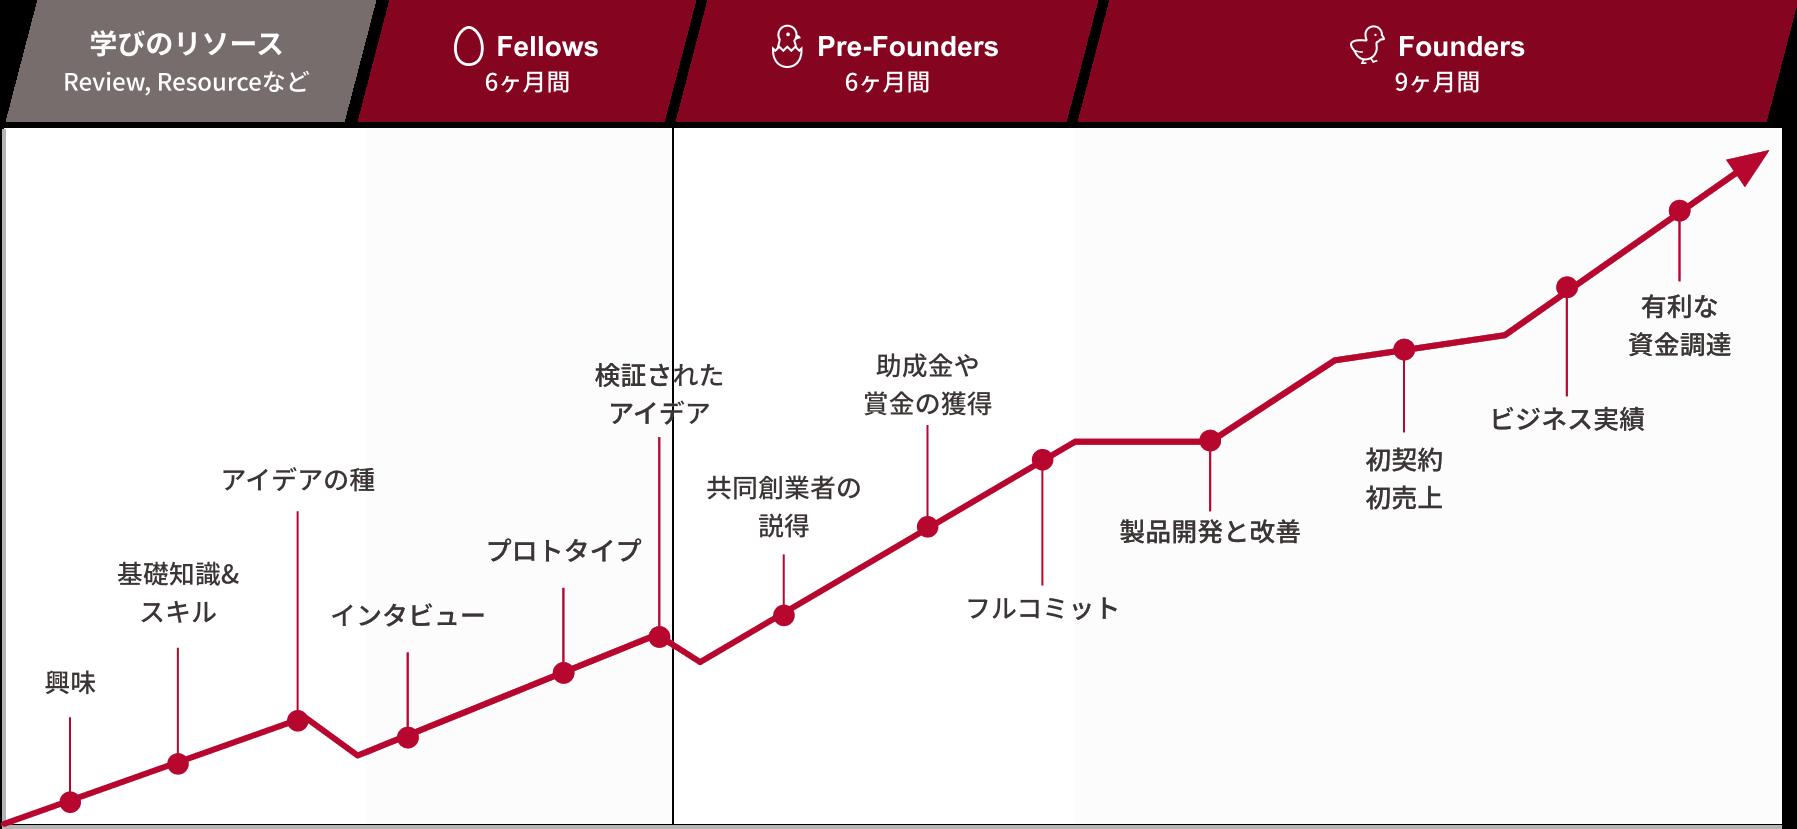 起業家の成長の過程